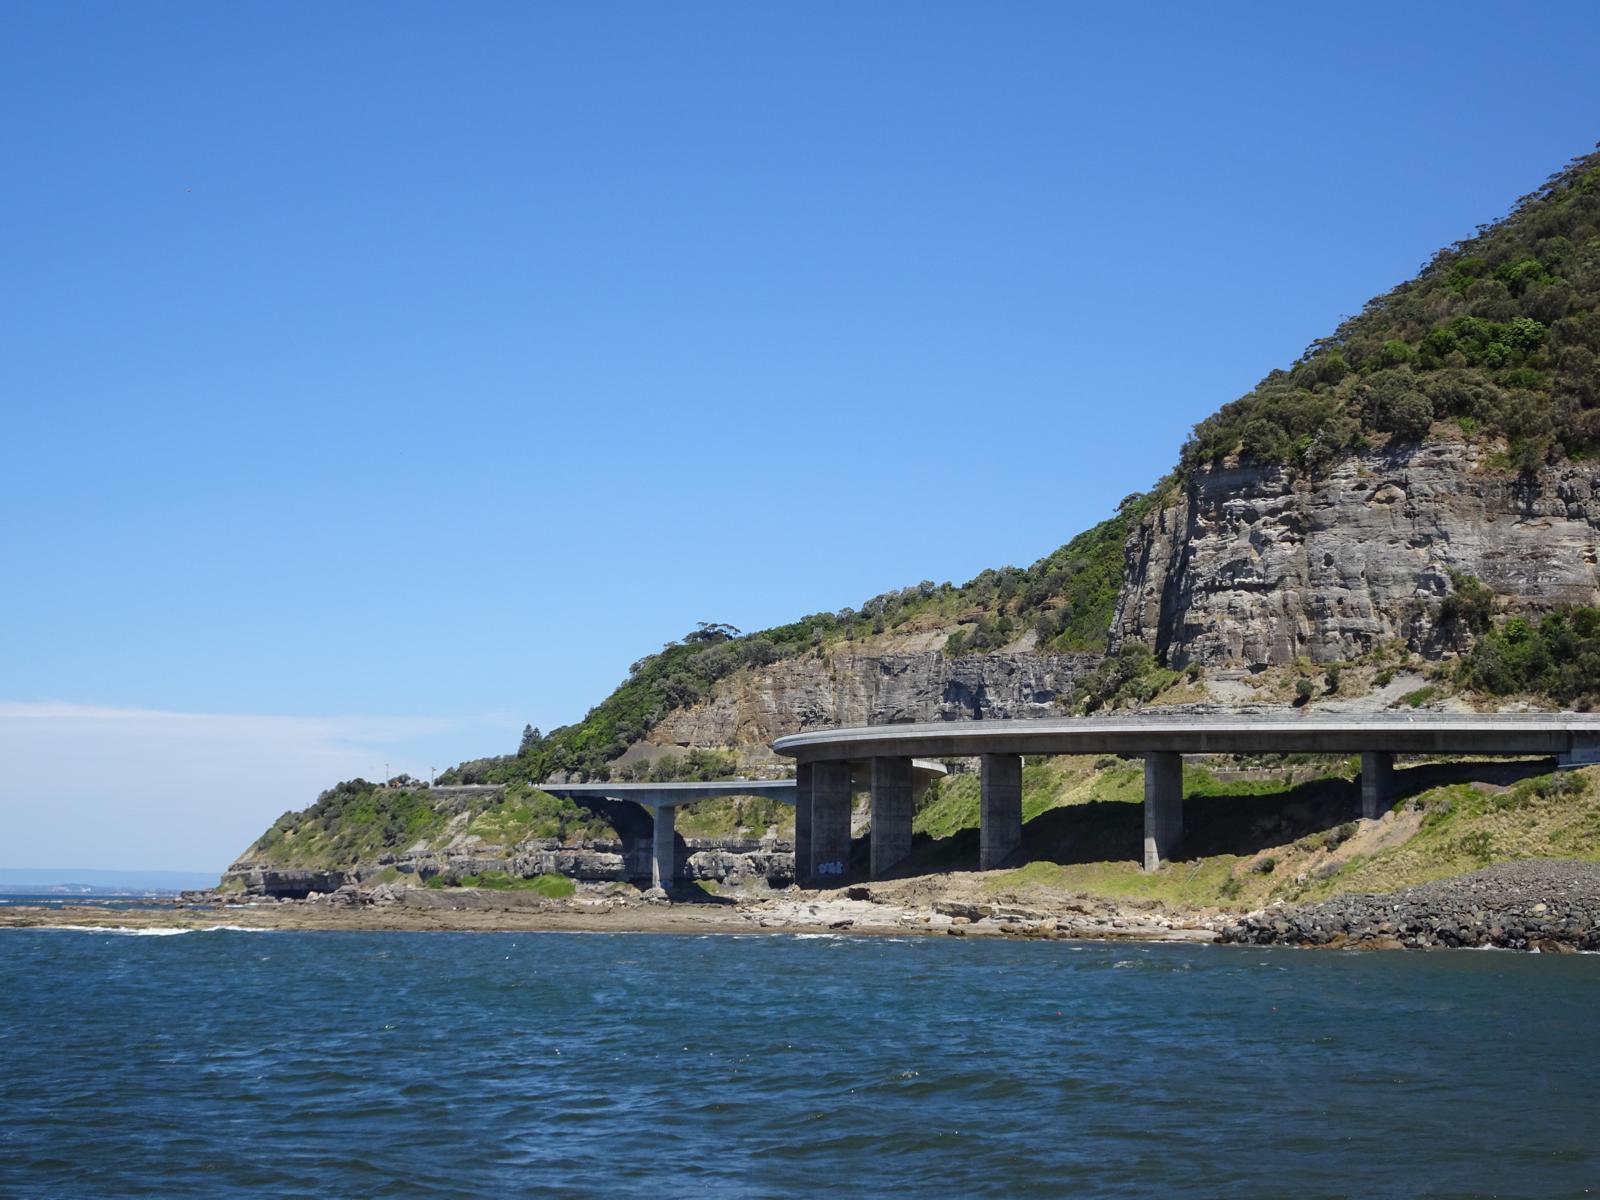 Grand Pacific Drive - Sea Cliff Bridge